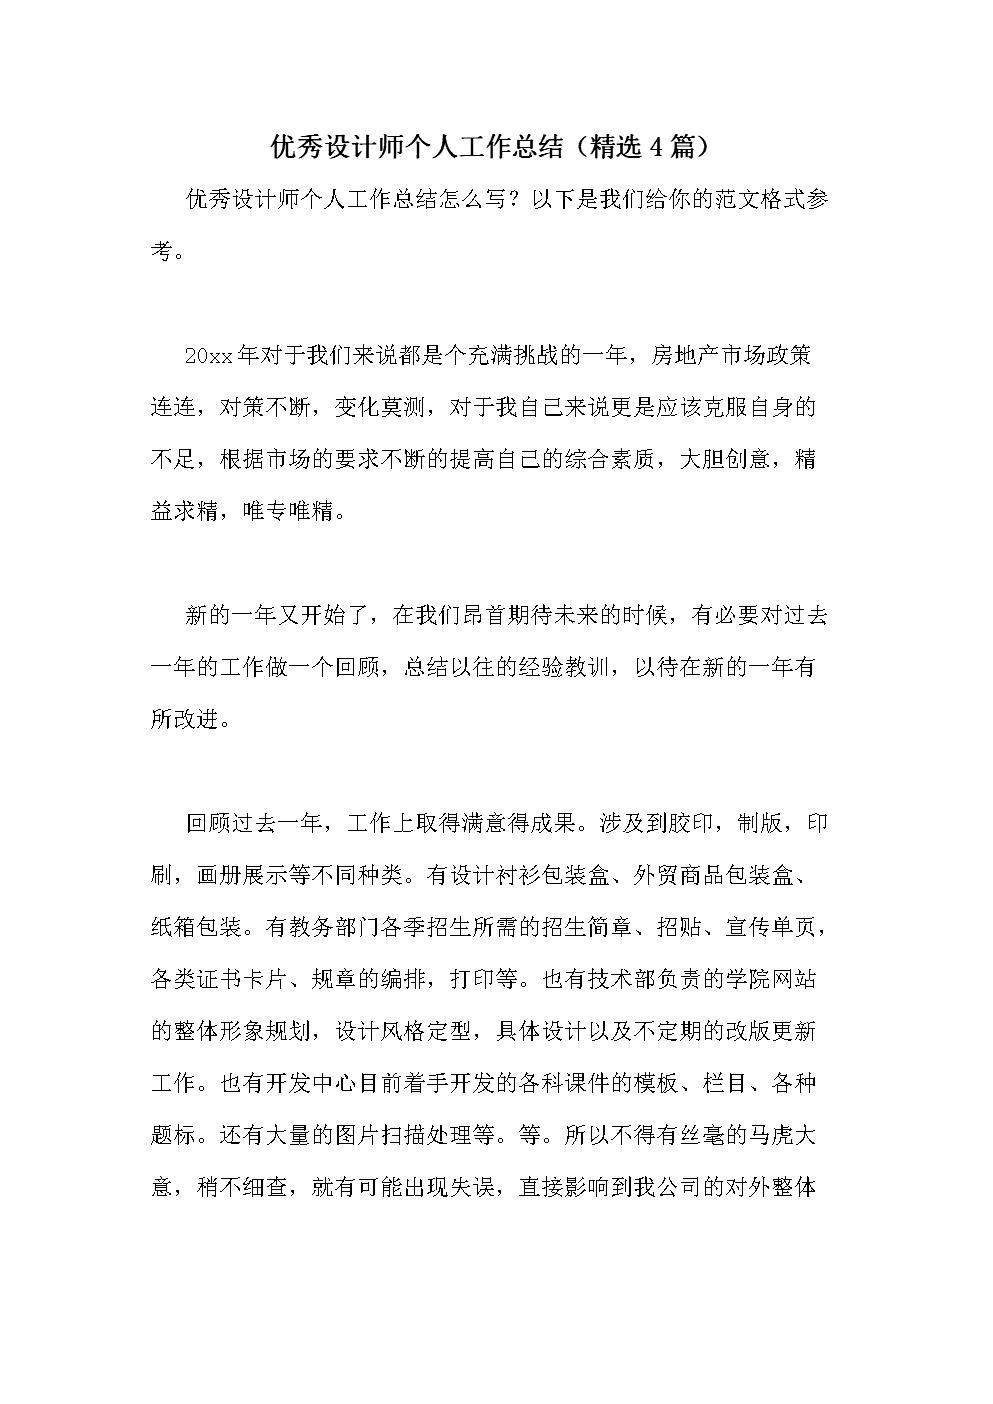 优秀设计师个人工作总结(精选4篇).doc